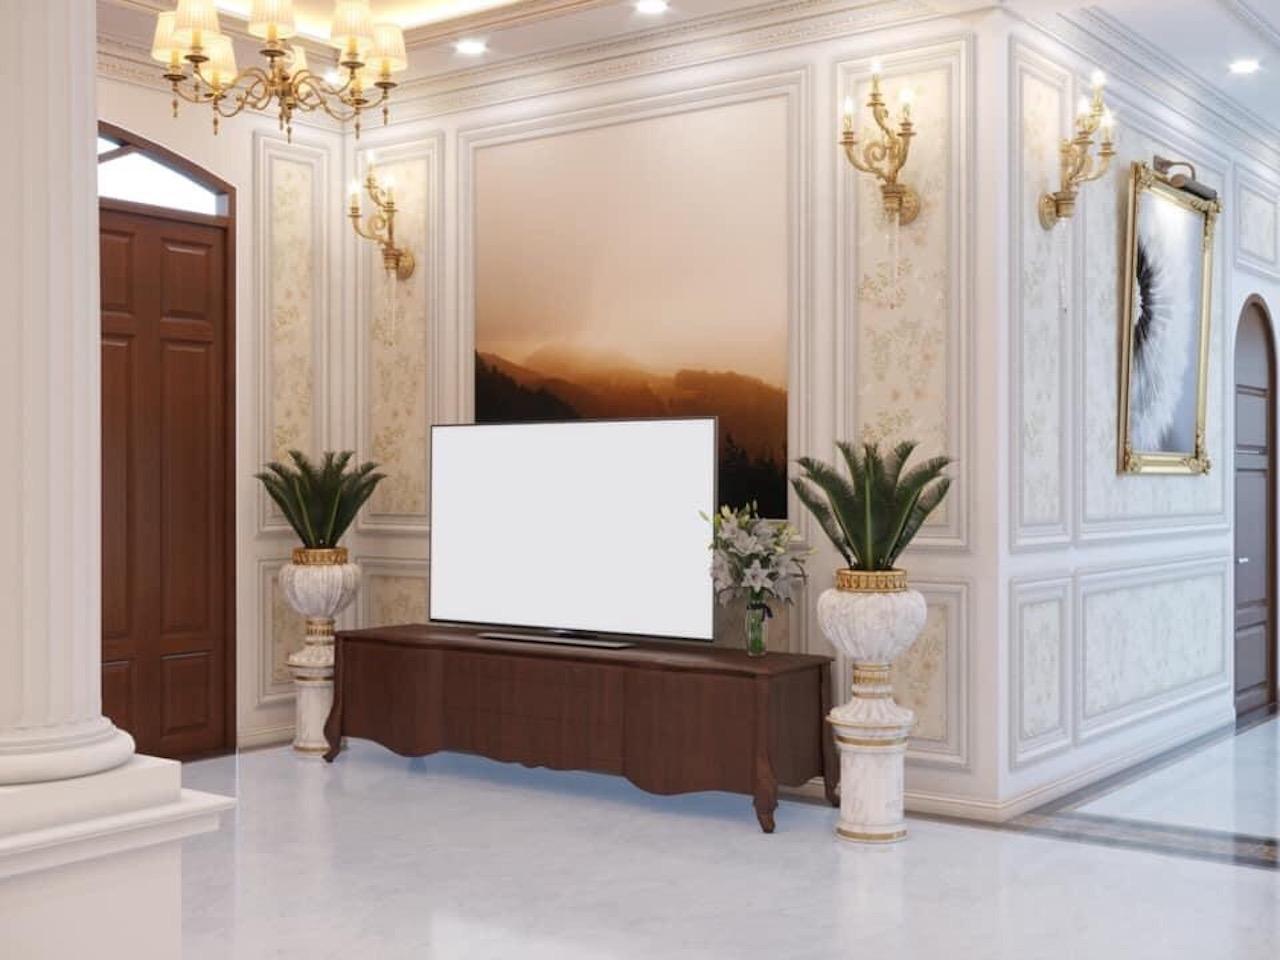 trang trí giấy dán tường phòng khách